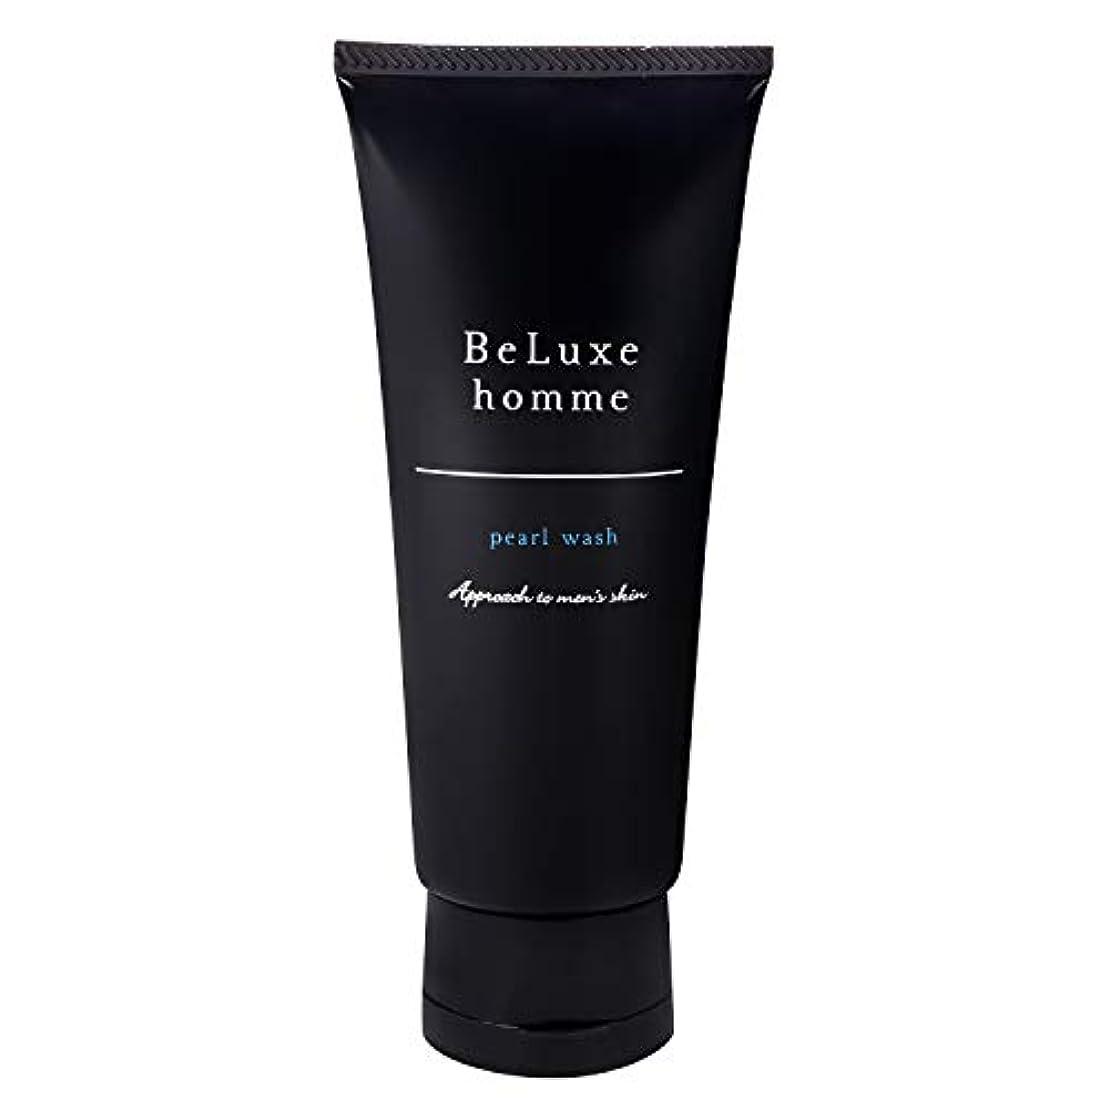 週末組立口ひげベリュクス オム パールウォッシュ 90g 【男性 スキンケア 洗顔料】 メンズ 混合肌 美肌成分配合 さっぱり洗い しっかり潤い 毛穴まわりのトラブルに